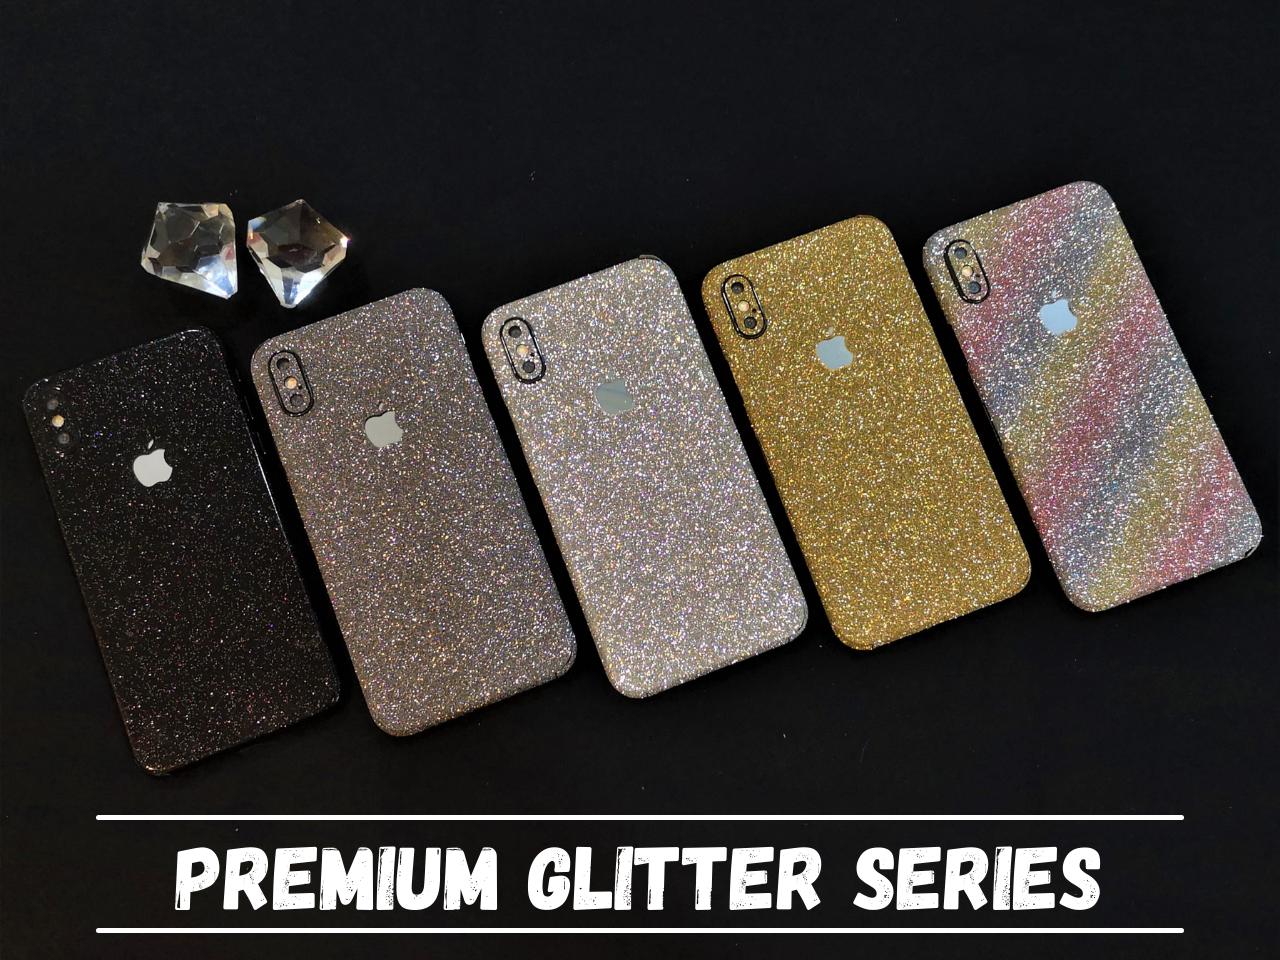 Mojoskins Premium Glitter Series